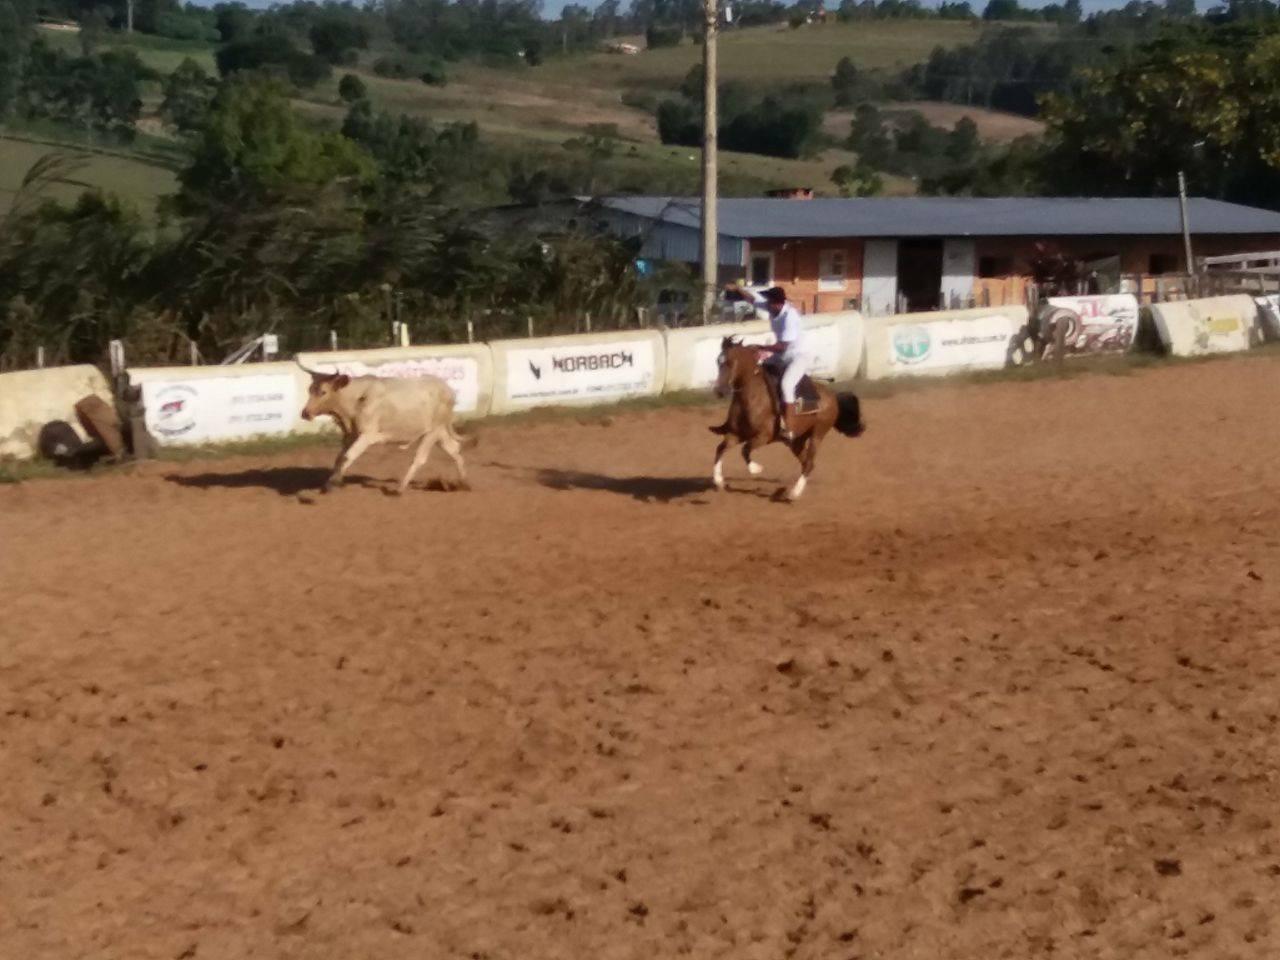 Prova reuniu os cavalos vendidos em 2016